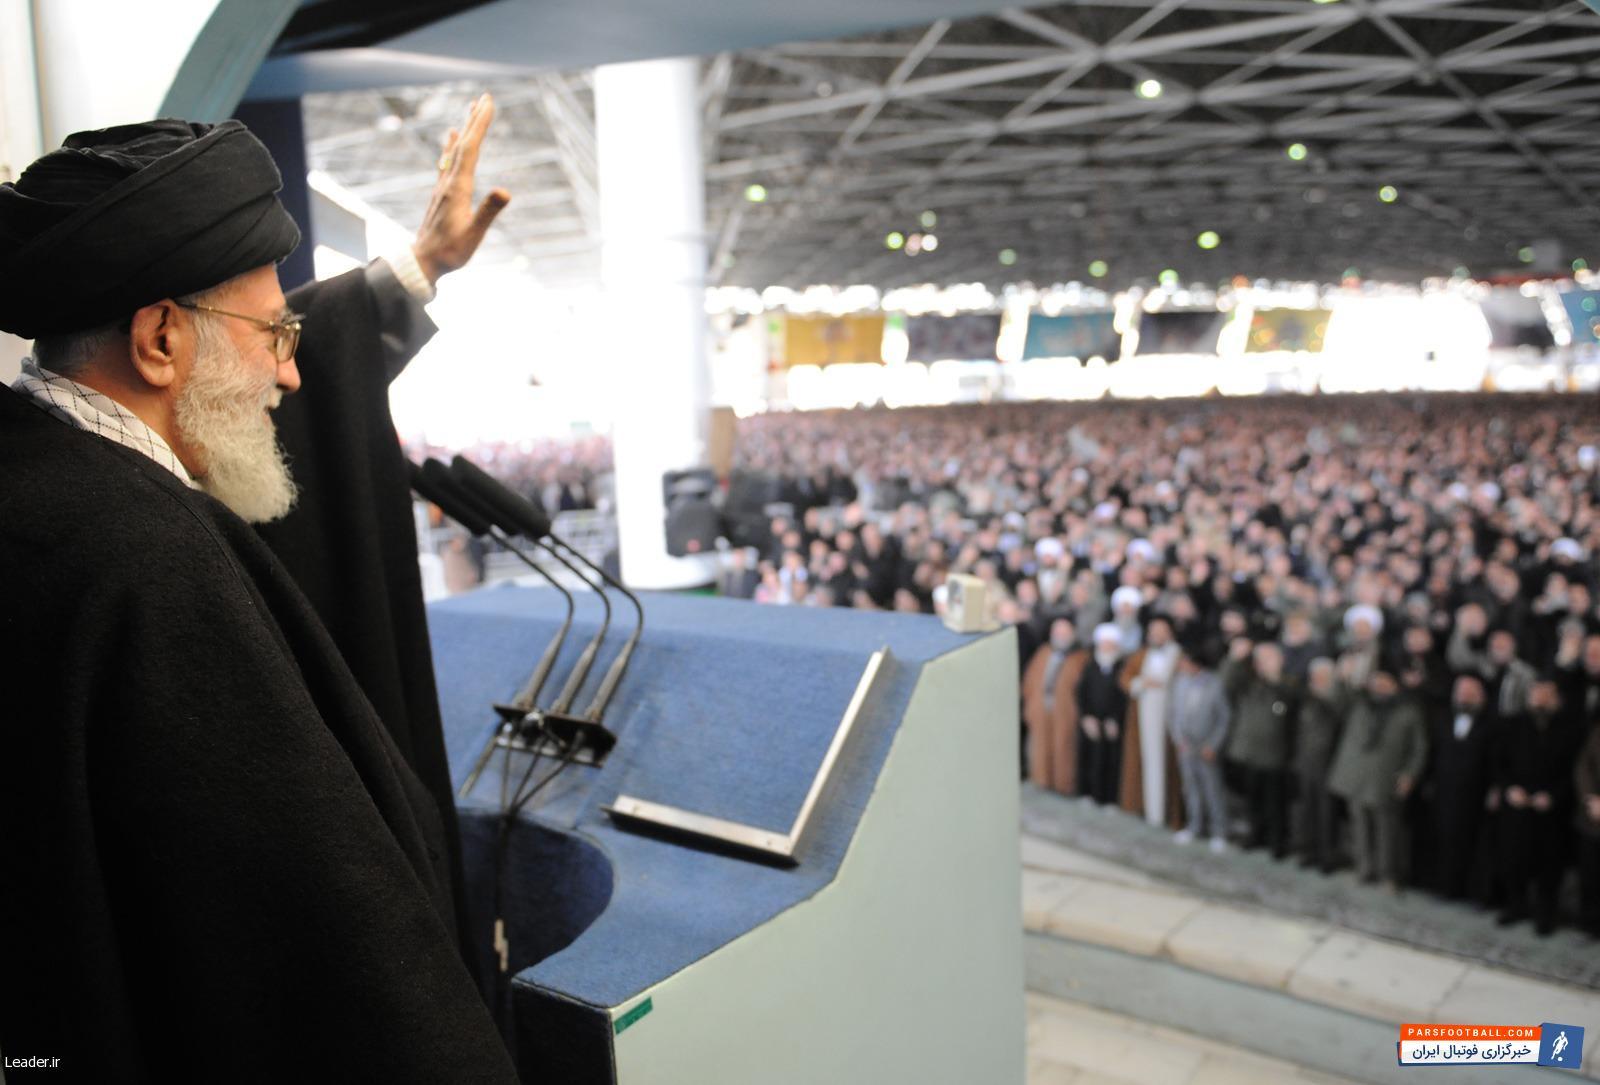 نماز جمعه ؛ نصب بنر جنجالی در نماز جمعه تهران، حاشیه ساز شد ؛ پارس فوتبال